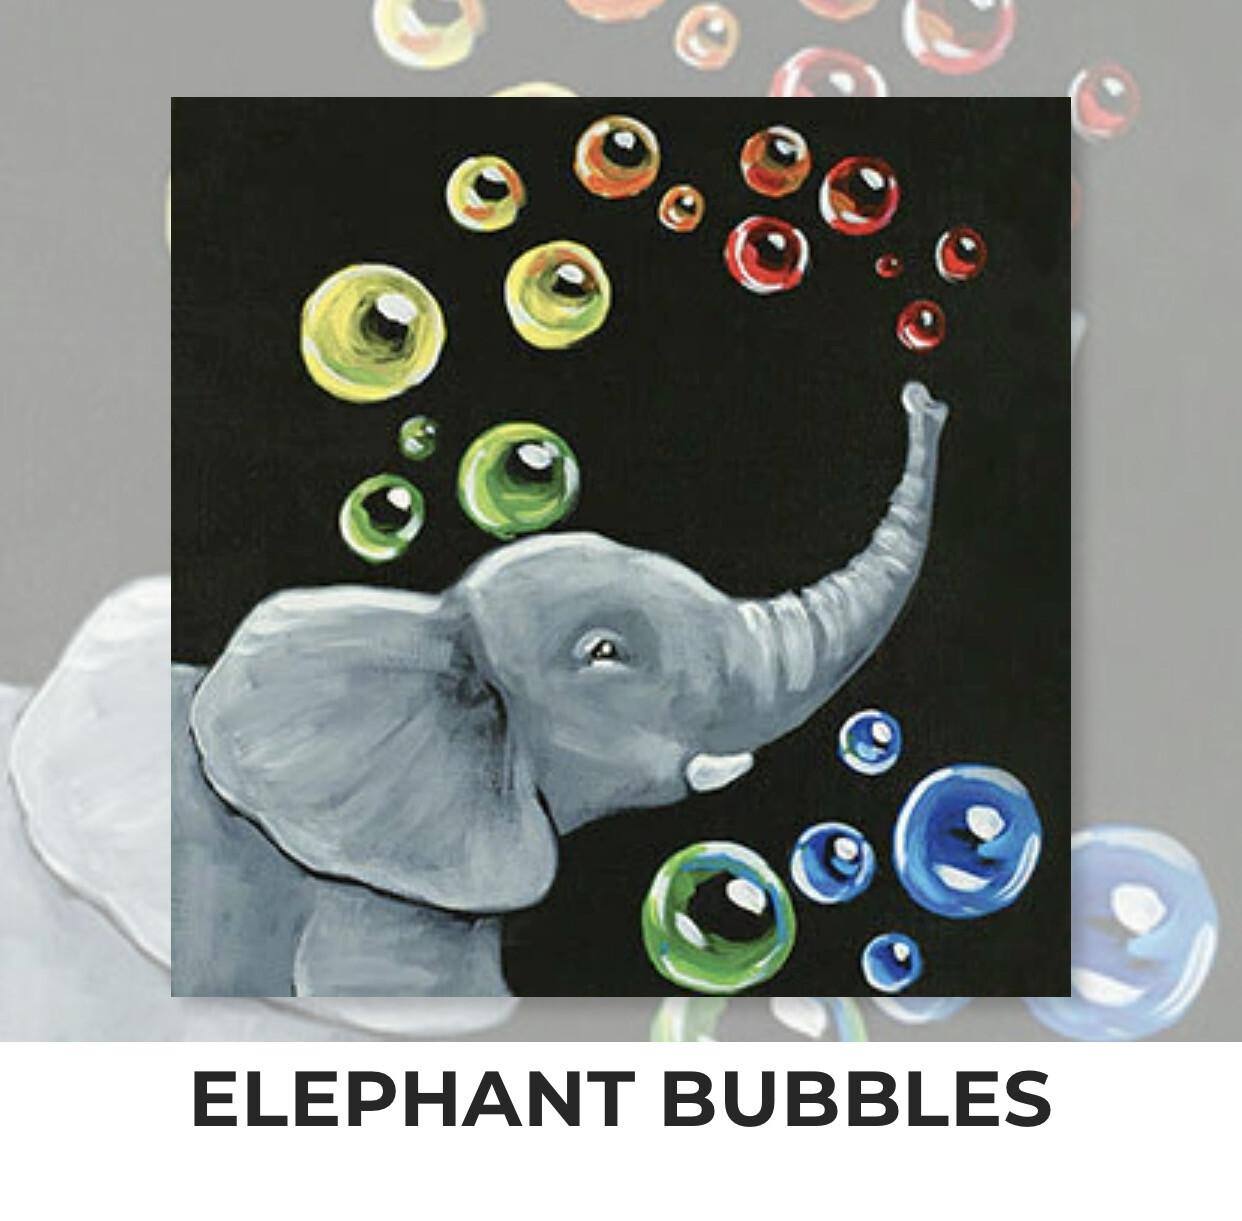 Elephant Bubbles KIDS Acrylic Paint On Canvas DIY Art Kit - 3 Week Special Order